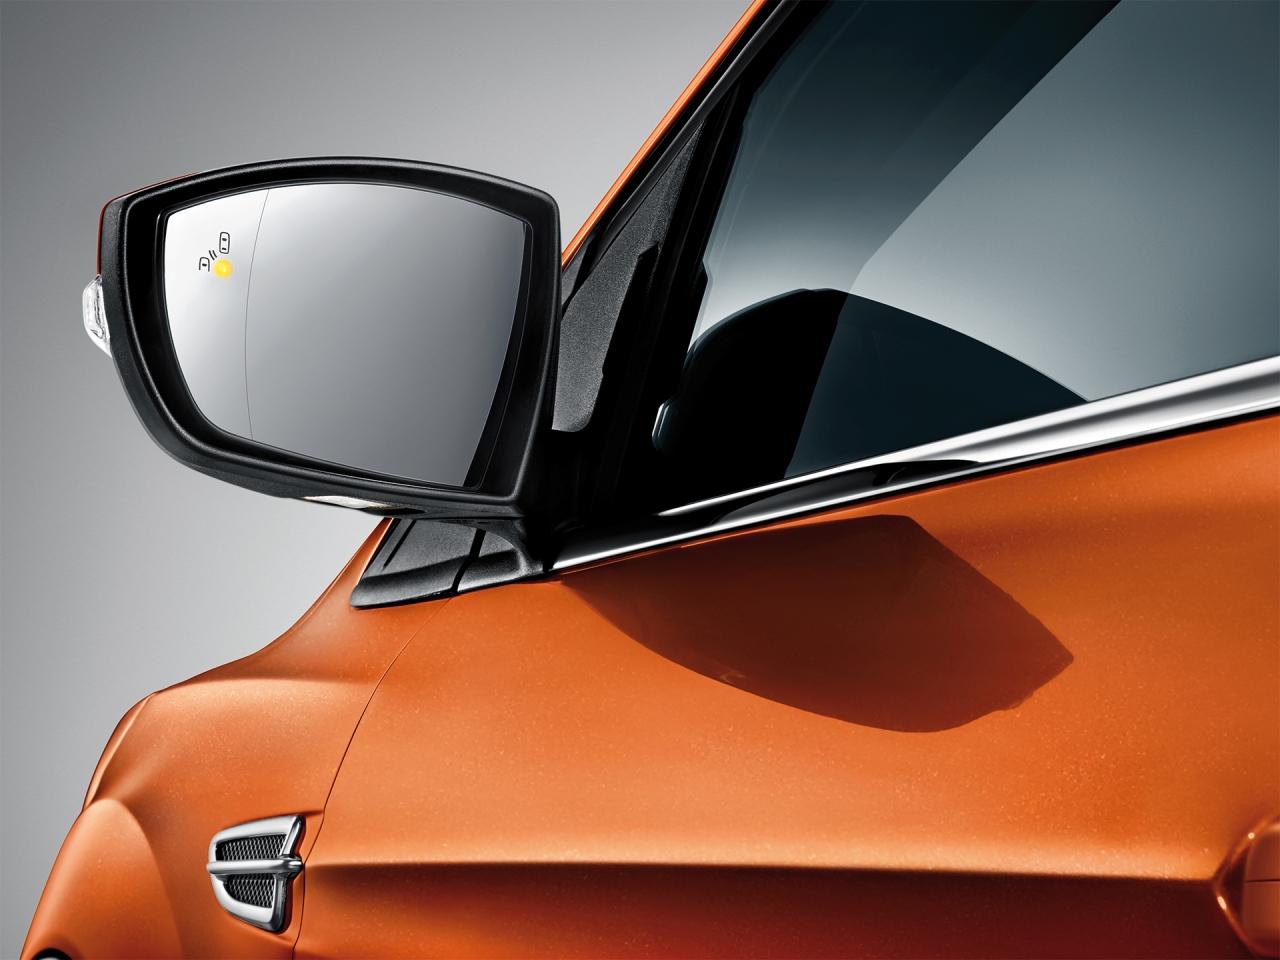 具備BLIS®視覺盲點偵測系統(含倒車來車警示)。